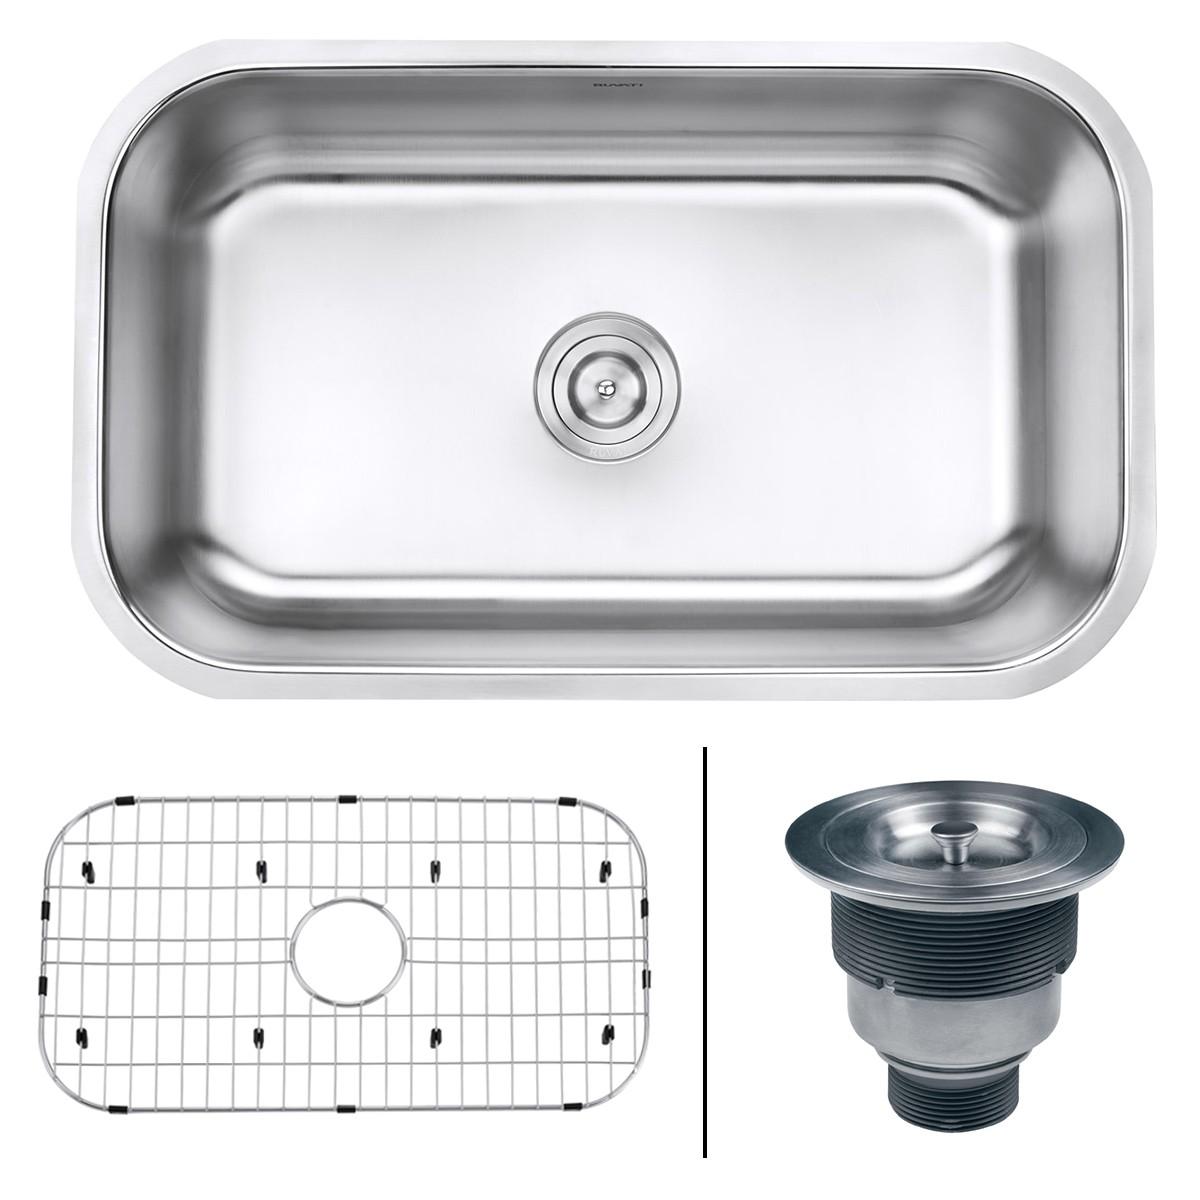 ruvati rvm4250 undermount 16 gauge 30 kitchen sink single bowl